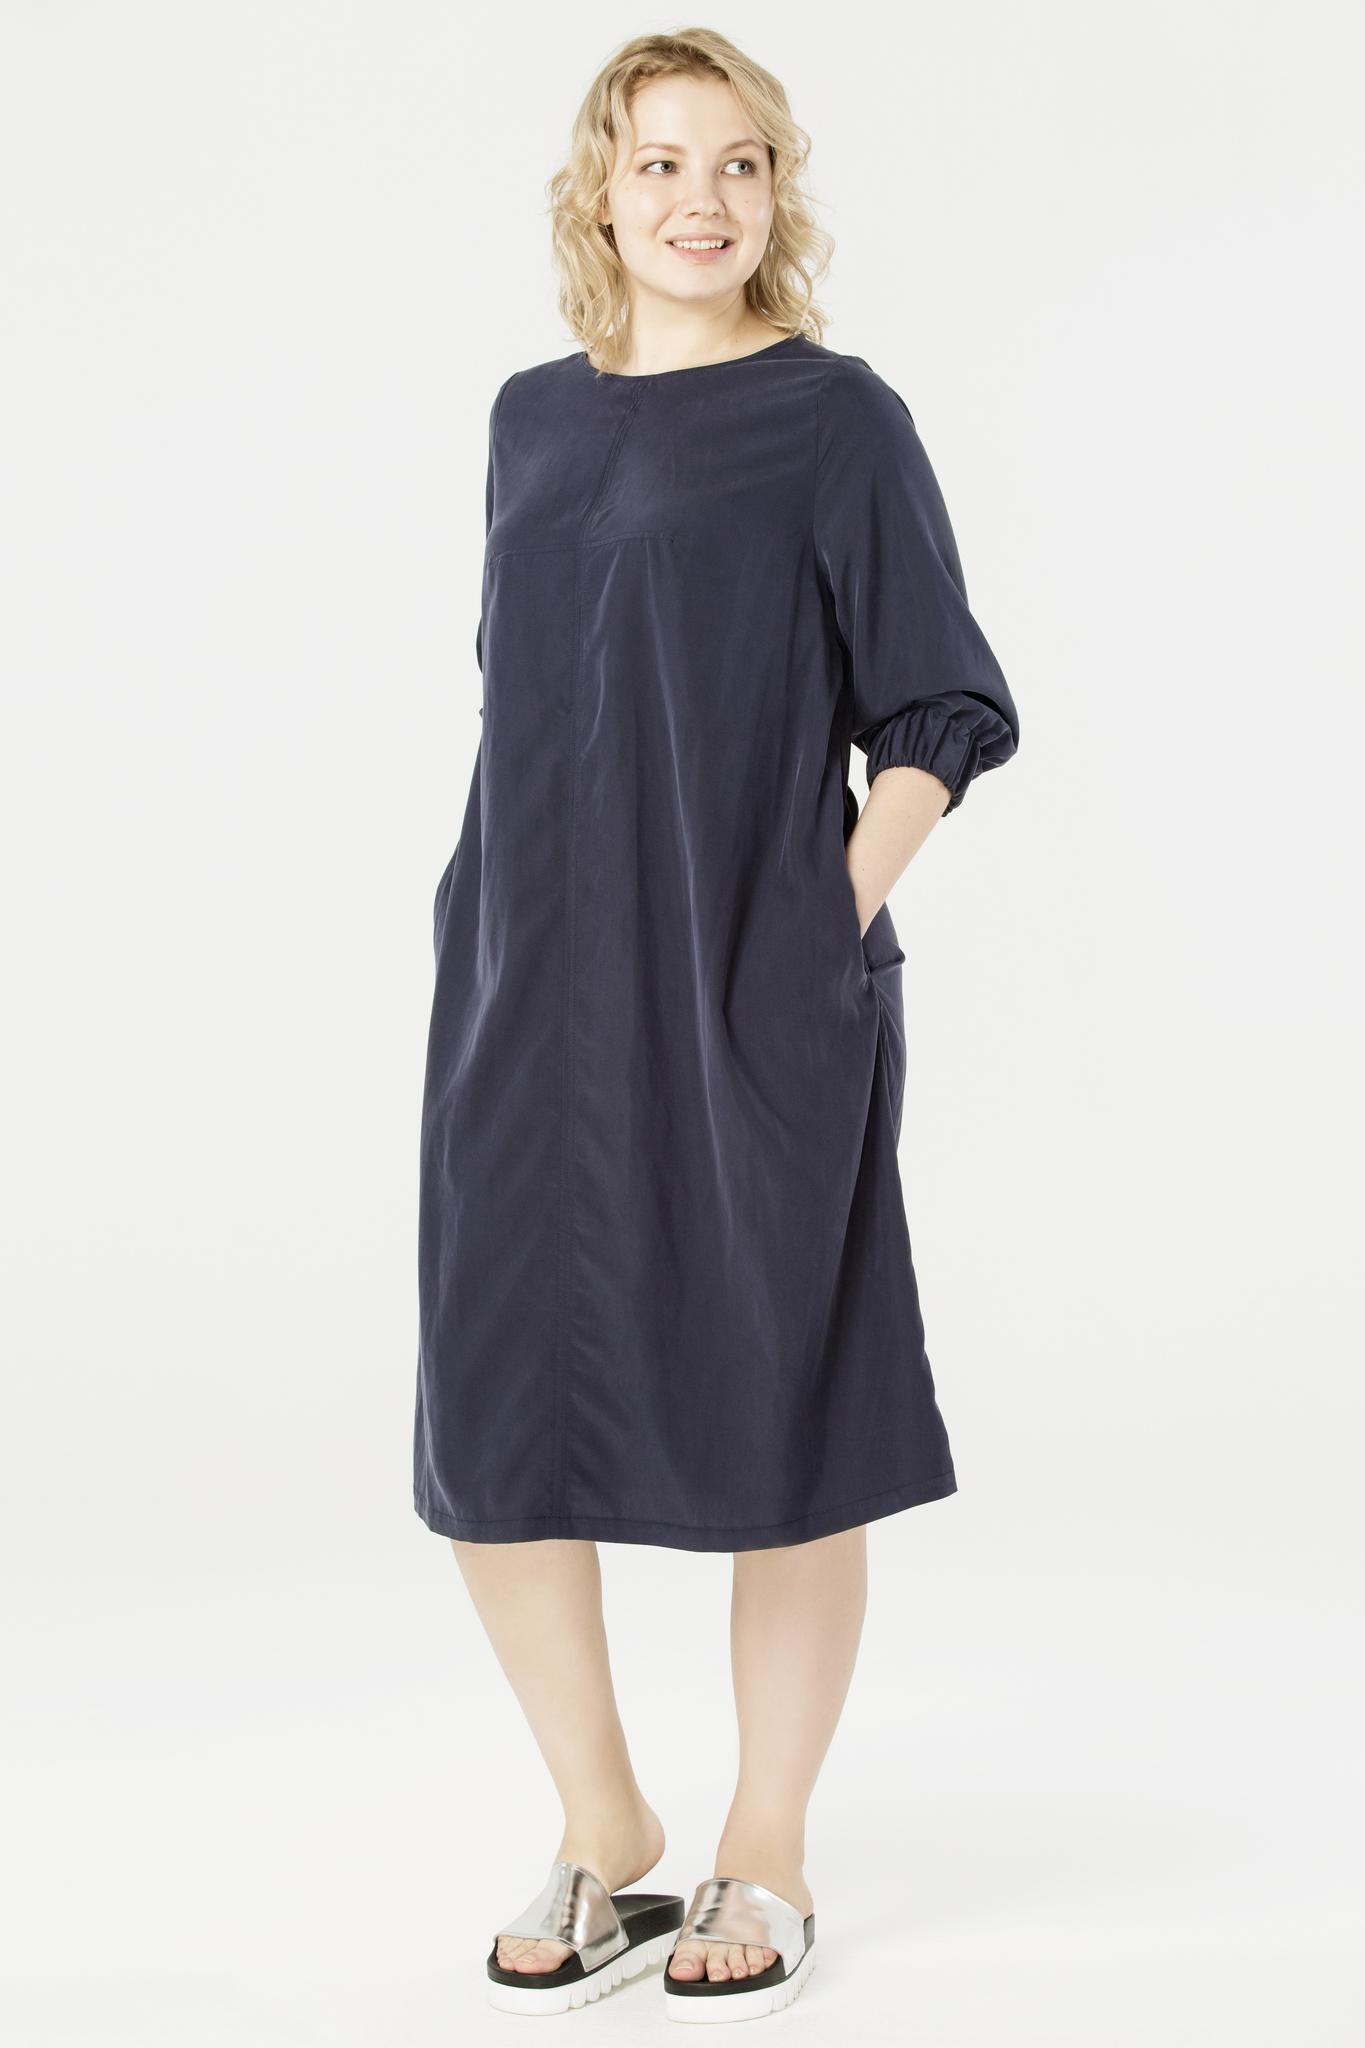 Платье LM-01 D01 31ЧЁРНАЯ ПЯТНИЦА<br>Всем известно, что лучшие платья не мнутся, имеют свободный крой и не требуют ничего от своей владелицы – собственно, как наша модель из вискозы. Благодаря рукавам с манжетами на резинке и продуманной геометрии, это платье деликатно обыгрывает фигуру. Предлагаем носить с балетками, кедами или босоножками на платформе. В пару к нему хорошо подойдет наш лаконичный трикотажный жилет и лоферы. Рост модели на фото 176 см, размер – 52 российский.<br>